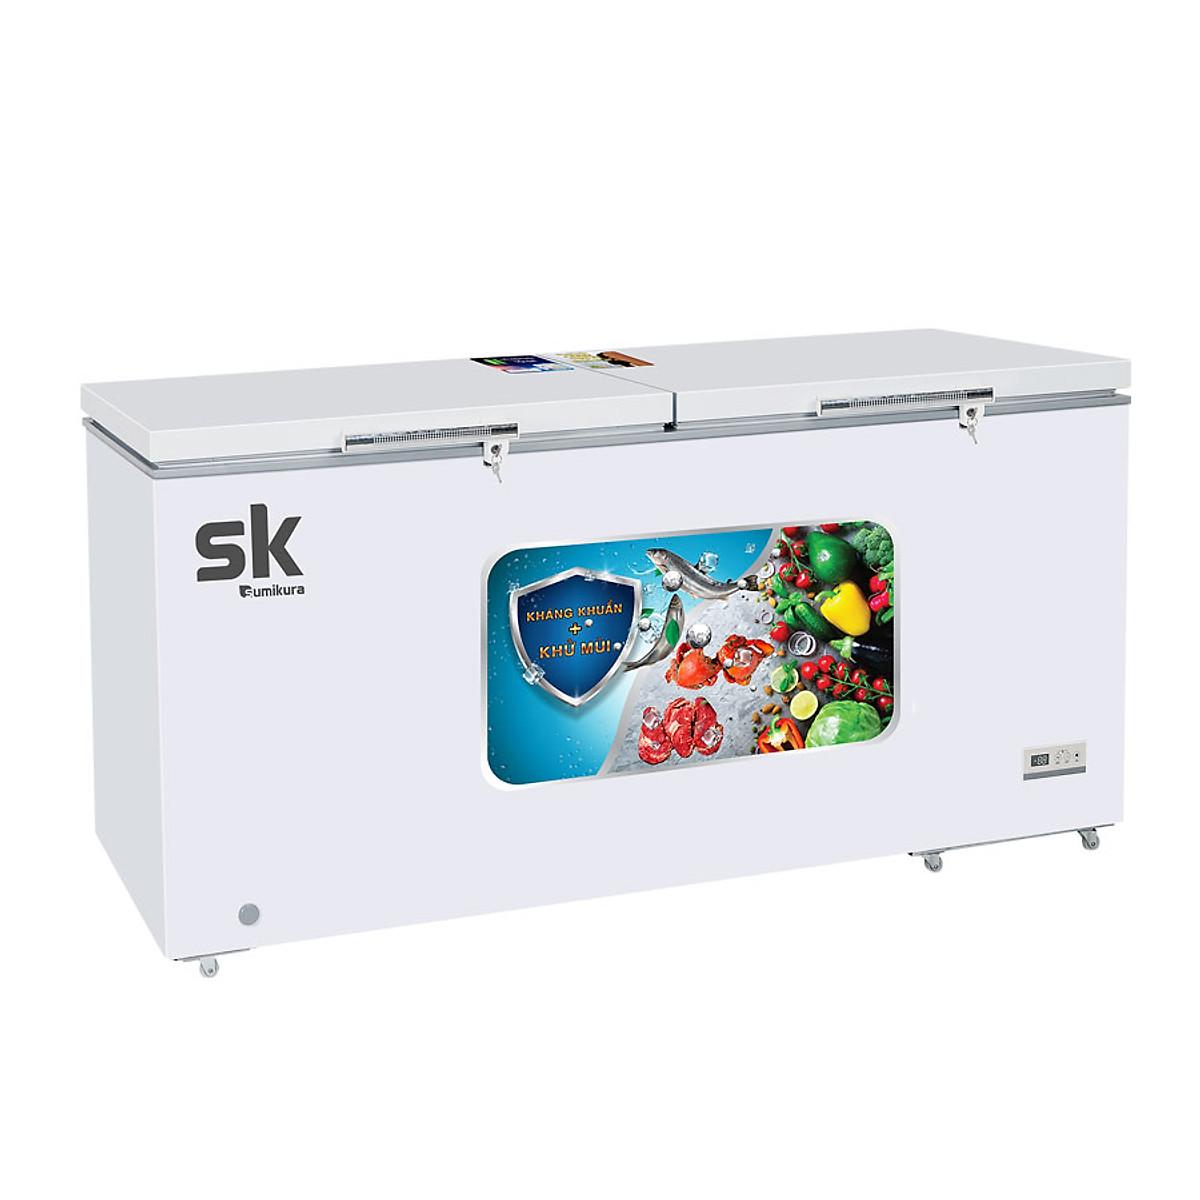 So Sánh Giá Tủ Đông Sumikura Inverter 2 Ngăn SKF-600.DI (600L)